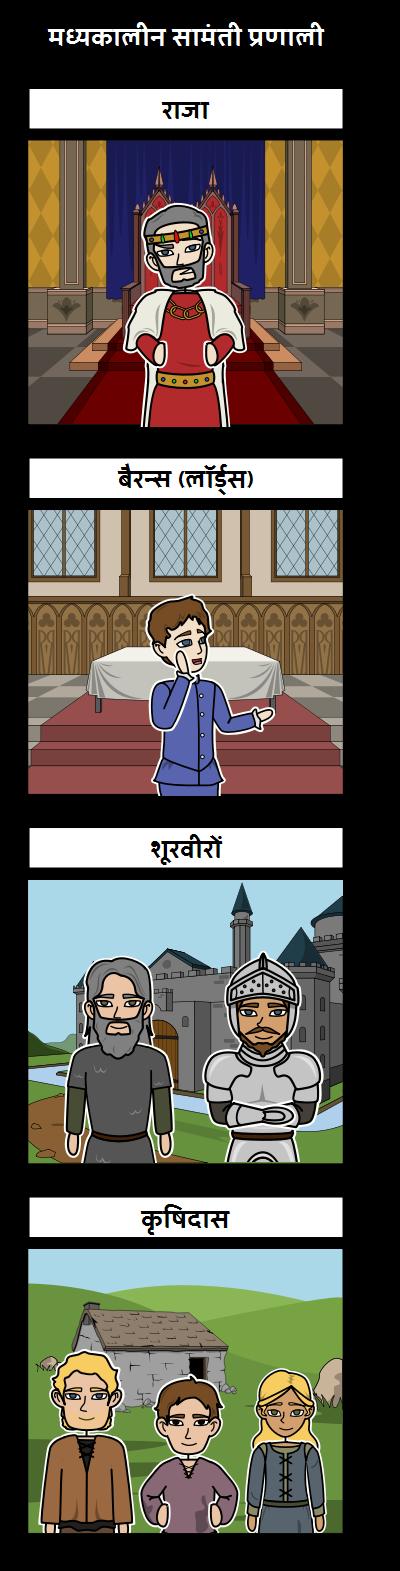 एक मध्यकालीन पर्व Feudal प्रणाली